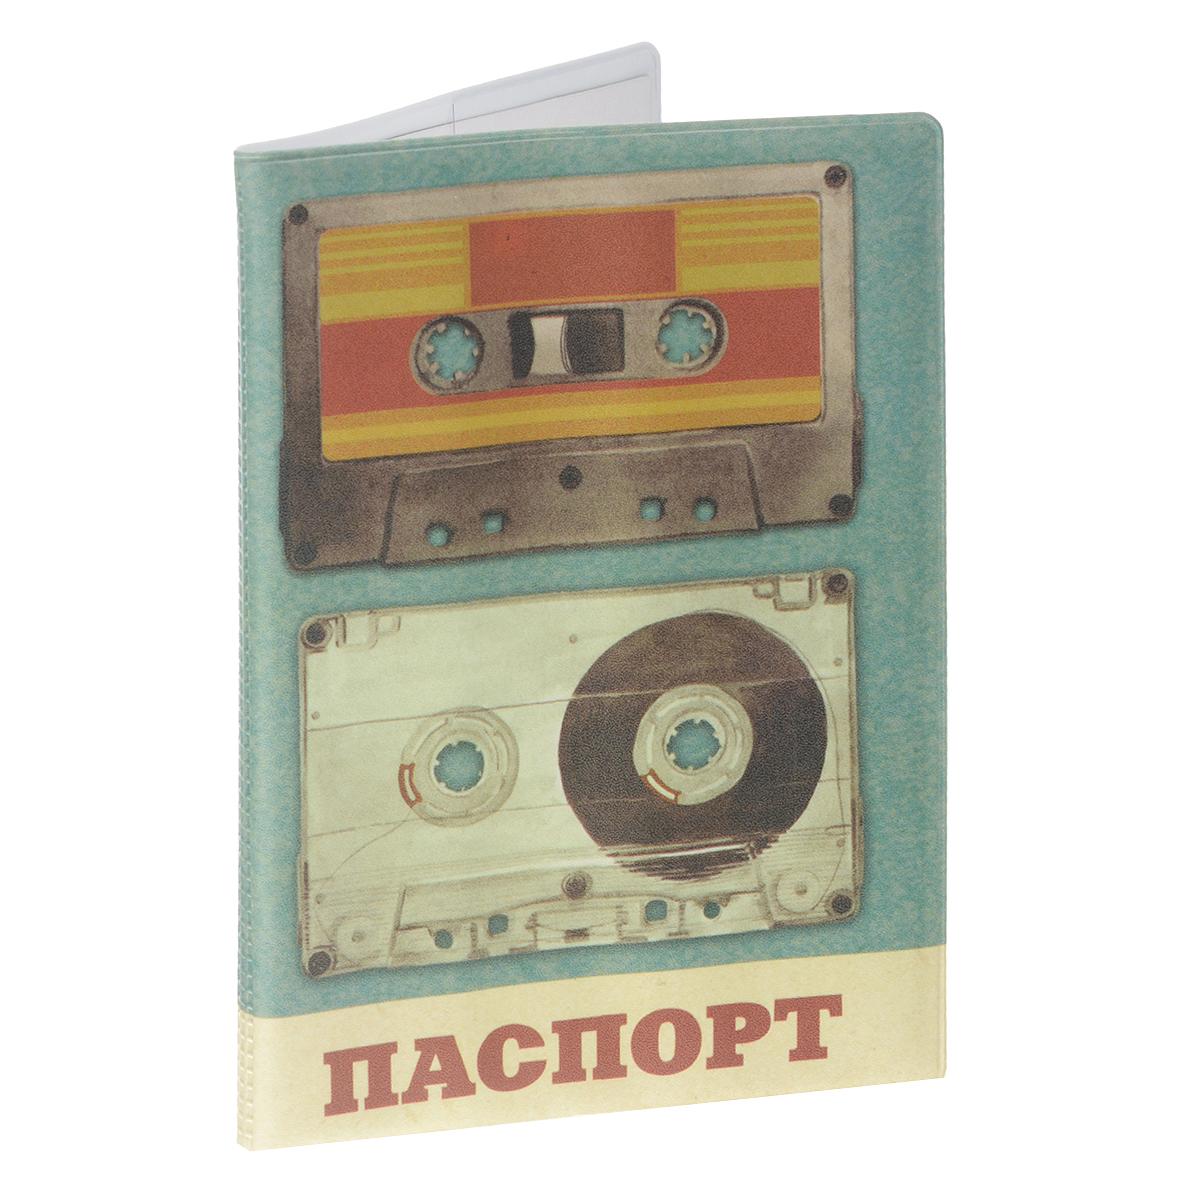 Обложка для паспорта Аудиокассеты, цвет: зеленый, бежевый. 37706ПВХ (поливинилхлорид)Обложка для паспорта Аудиокассеты выполнена из ПВХ и оформлена изображением двух аудиокассет. Такая обложка не только поможет сохранить внешний вид ваших документов и защитит их от повреждений, но и станет стильным аксессуаром, идеально подходящим вашему образу.Яркая и оригинальная обложка подчеркнет вашу индивидуальность и изысканный вкус. Обложка для паспорта стильного дизайна может быть достойным и оригинальным подарком.